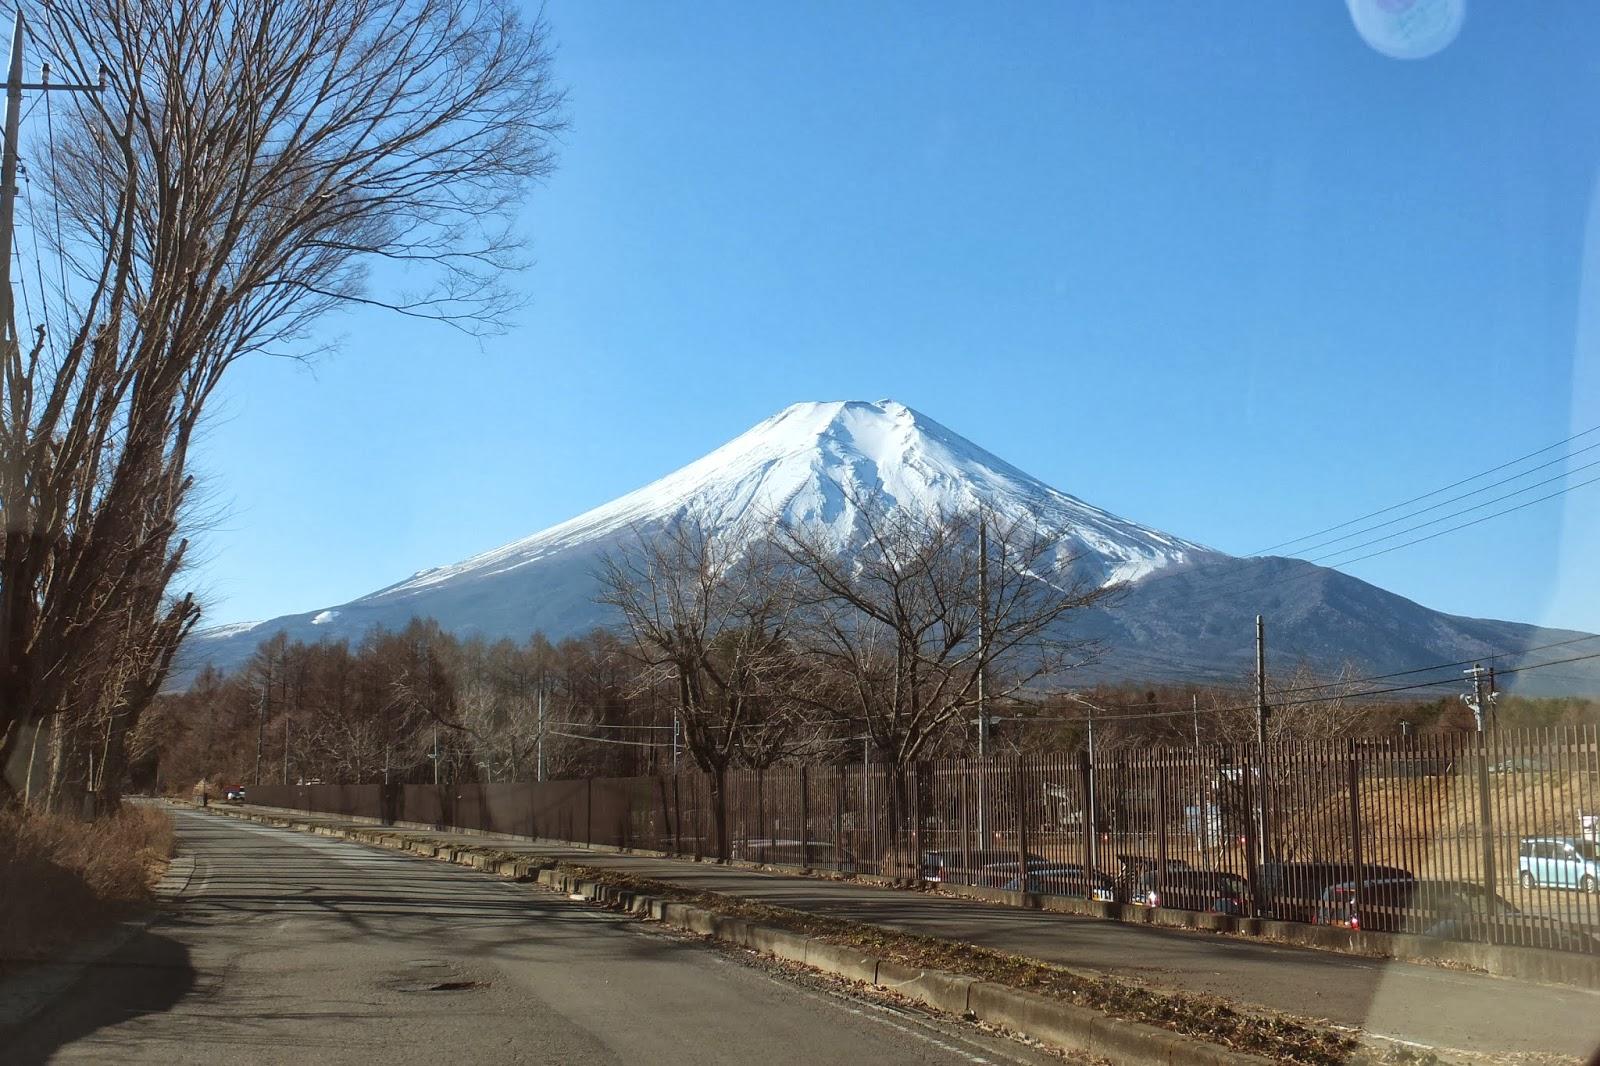 Mt.Fuji-in-the-morning 朝の富士山